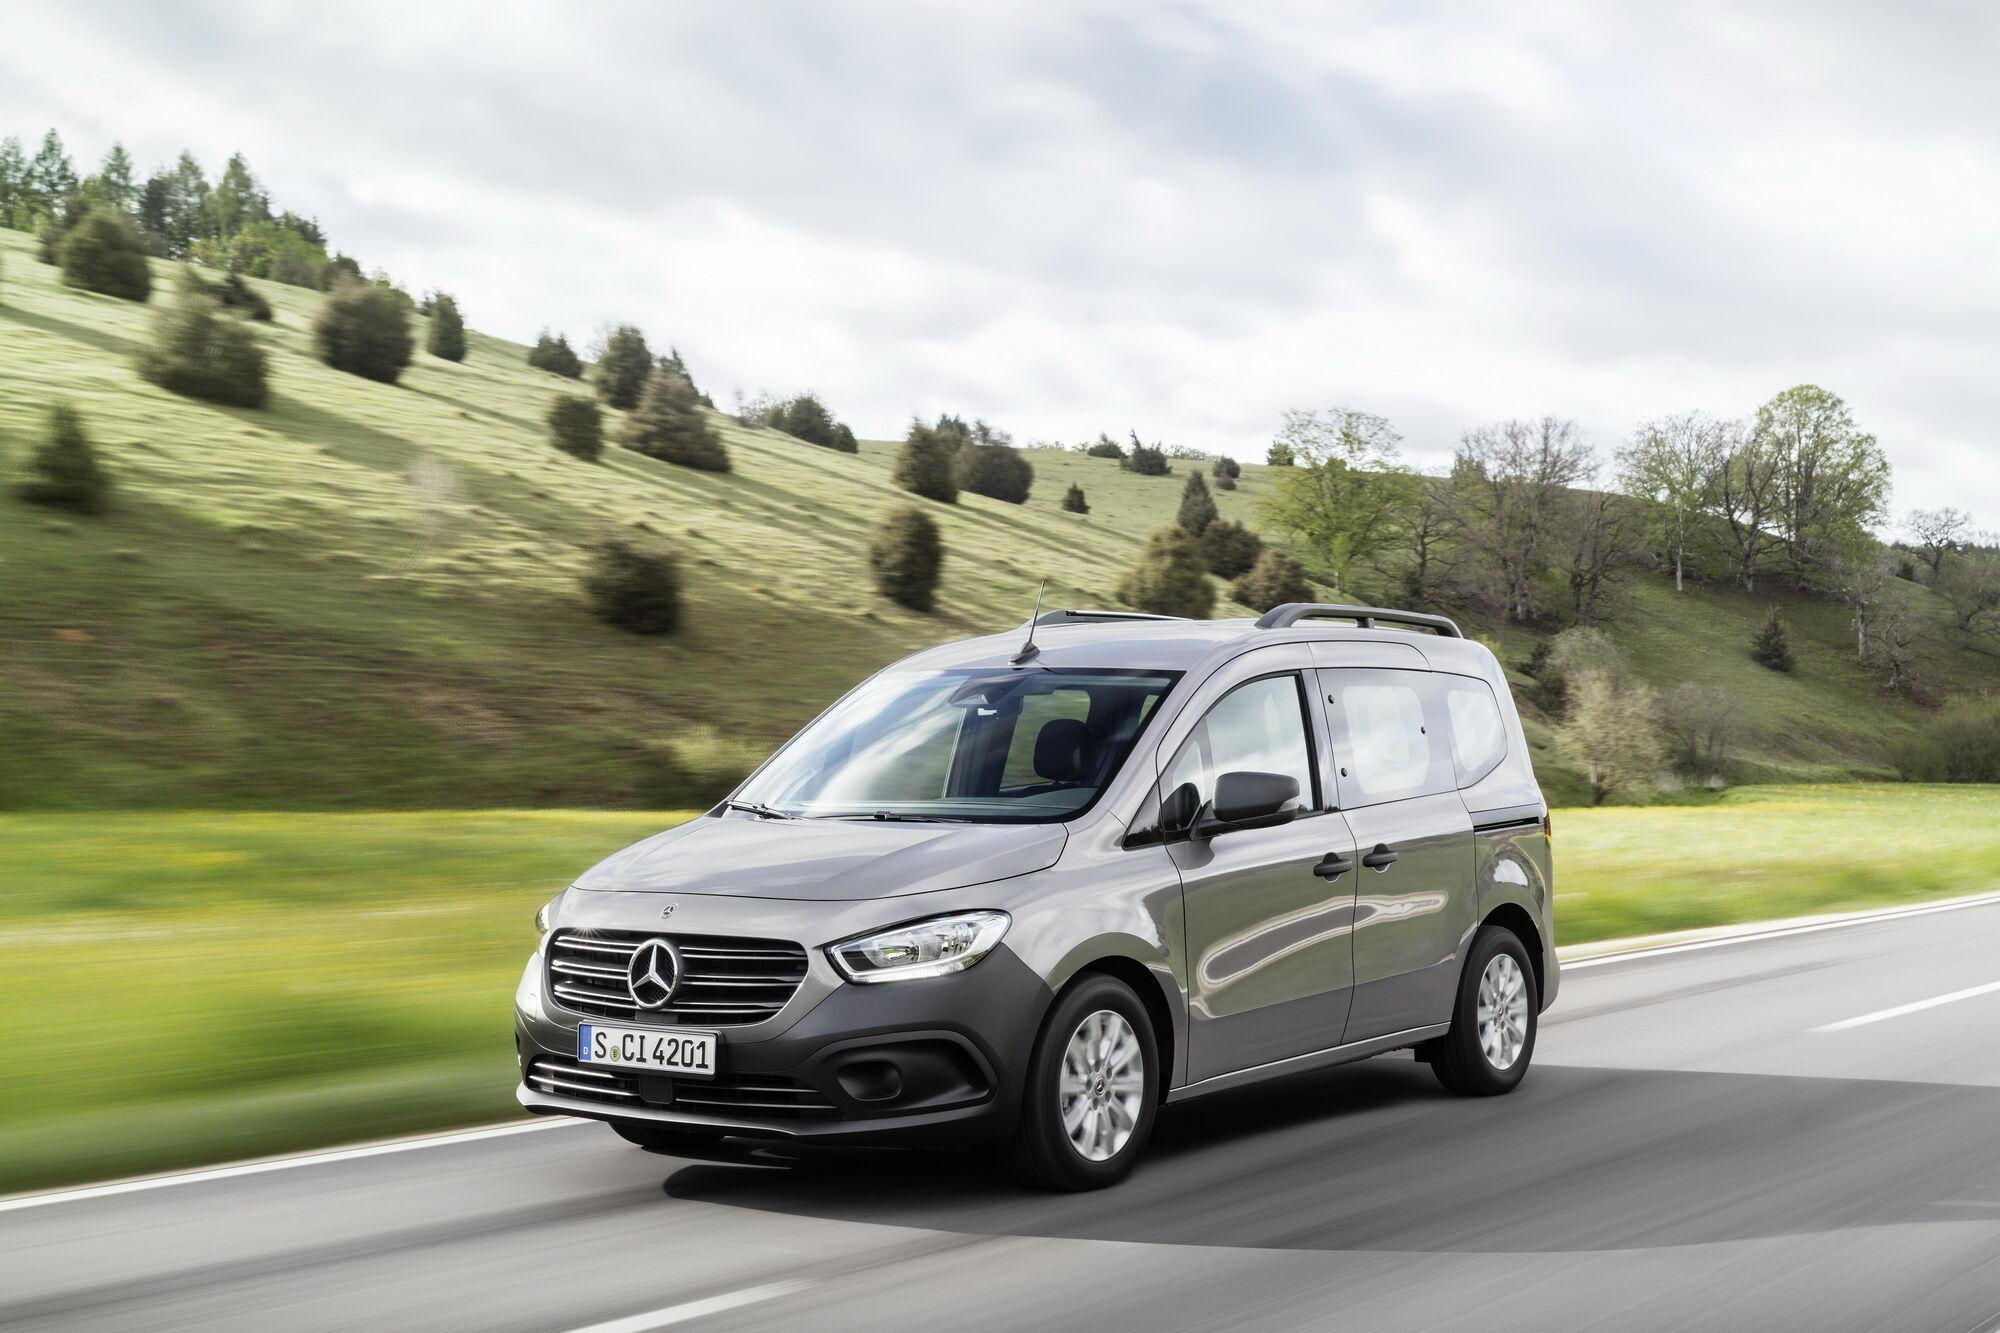 Модель запропонована у двох варіантах – вантажному 2-місному Citan Panel Van та пасажирському 5-місцевому Citan Tourer